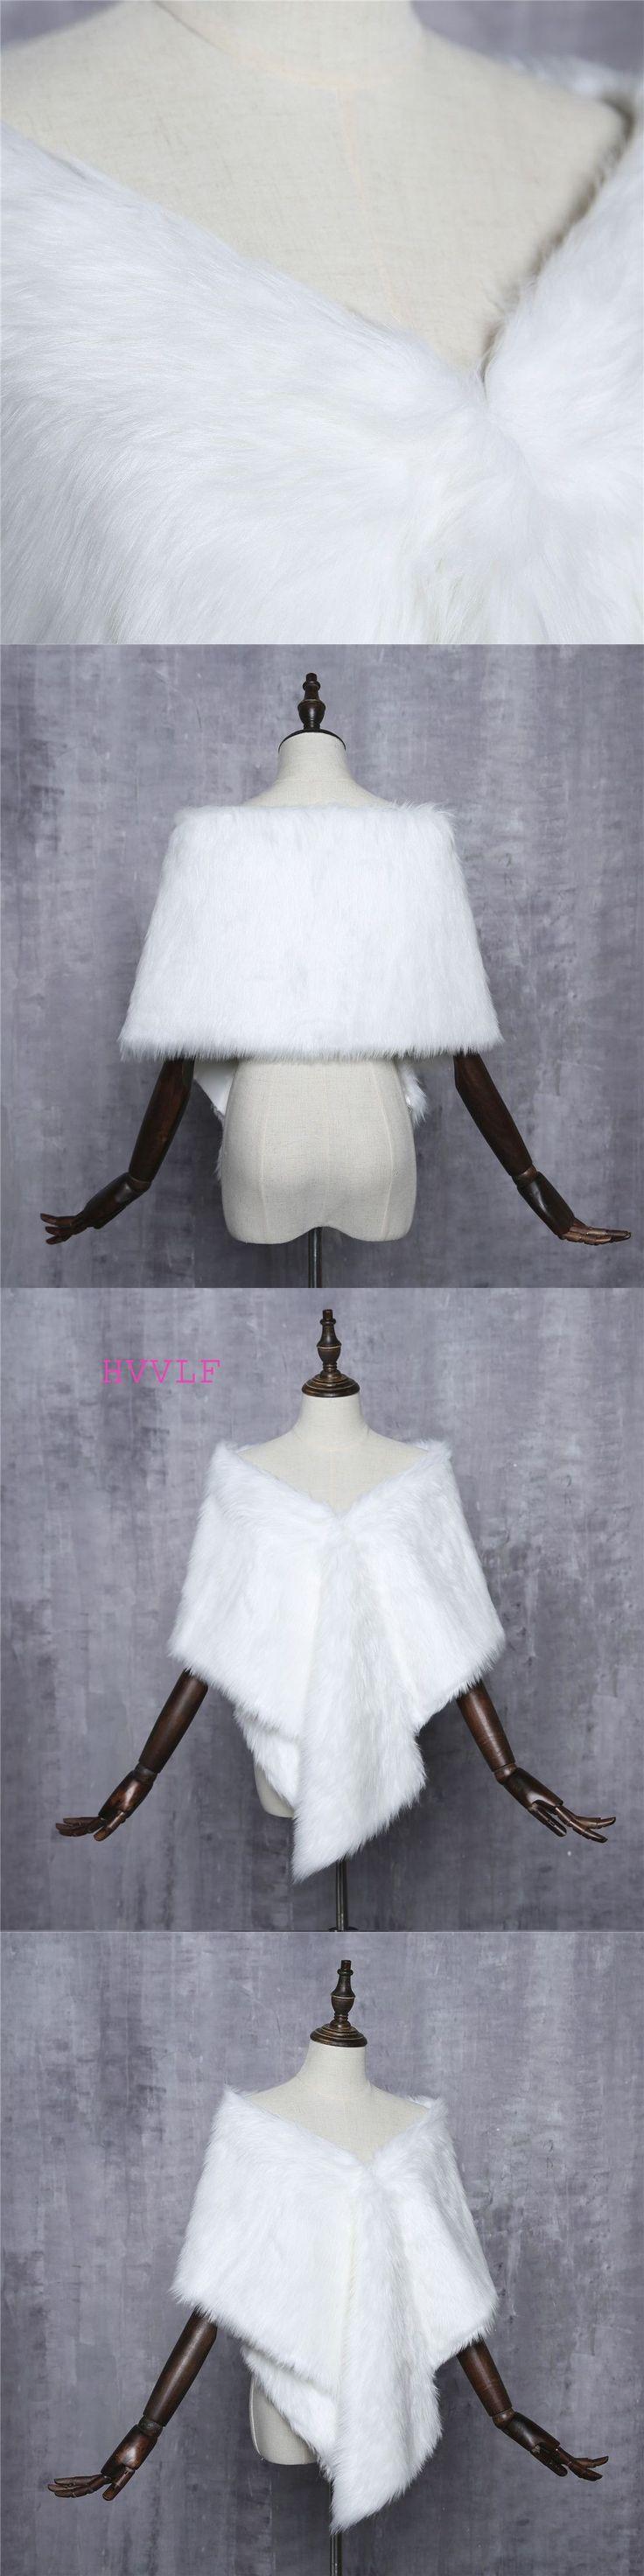 New Bridal Jacket Coat Faux Fur White Wraps Bolero Shrug Wedding Shawls Wraps Wedding Accessories #shrugs